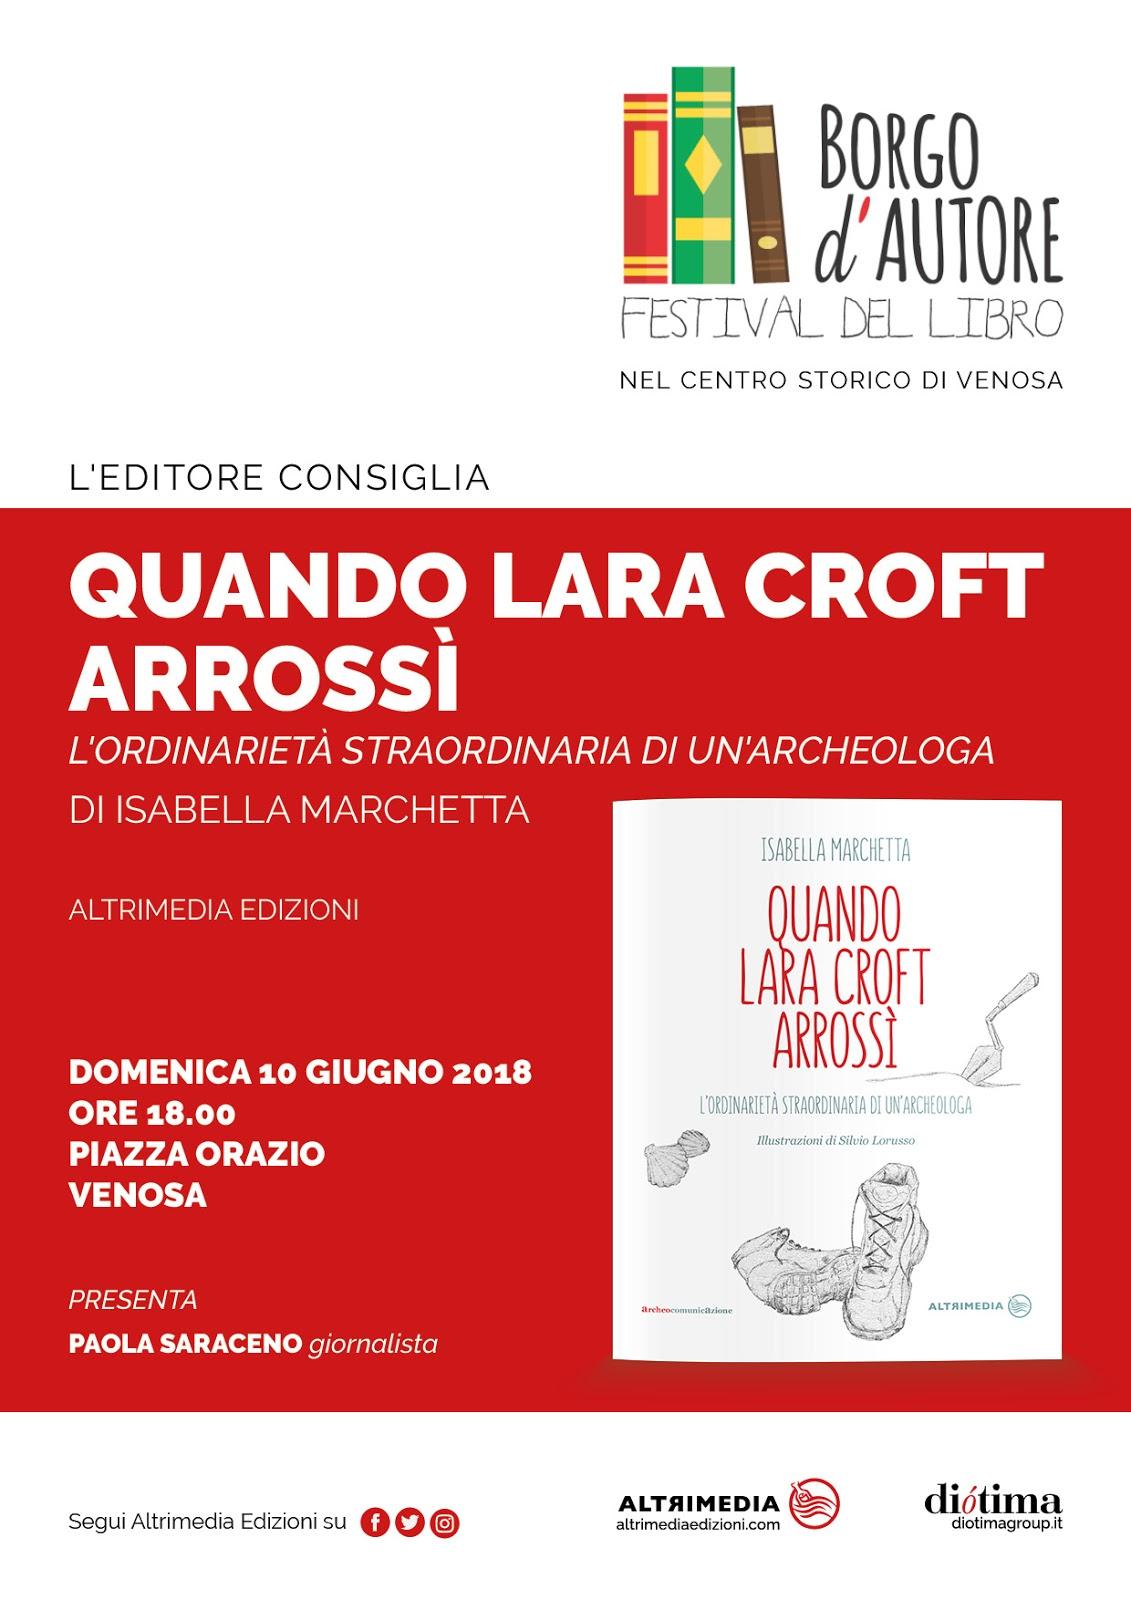 Altrimedia Edizioni al Festival Borgo d'Autore a Venosa